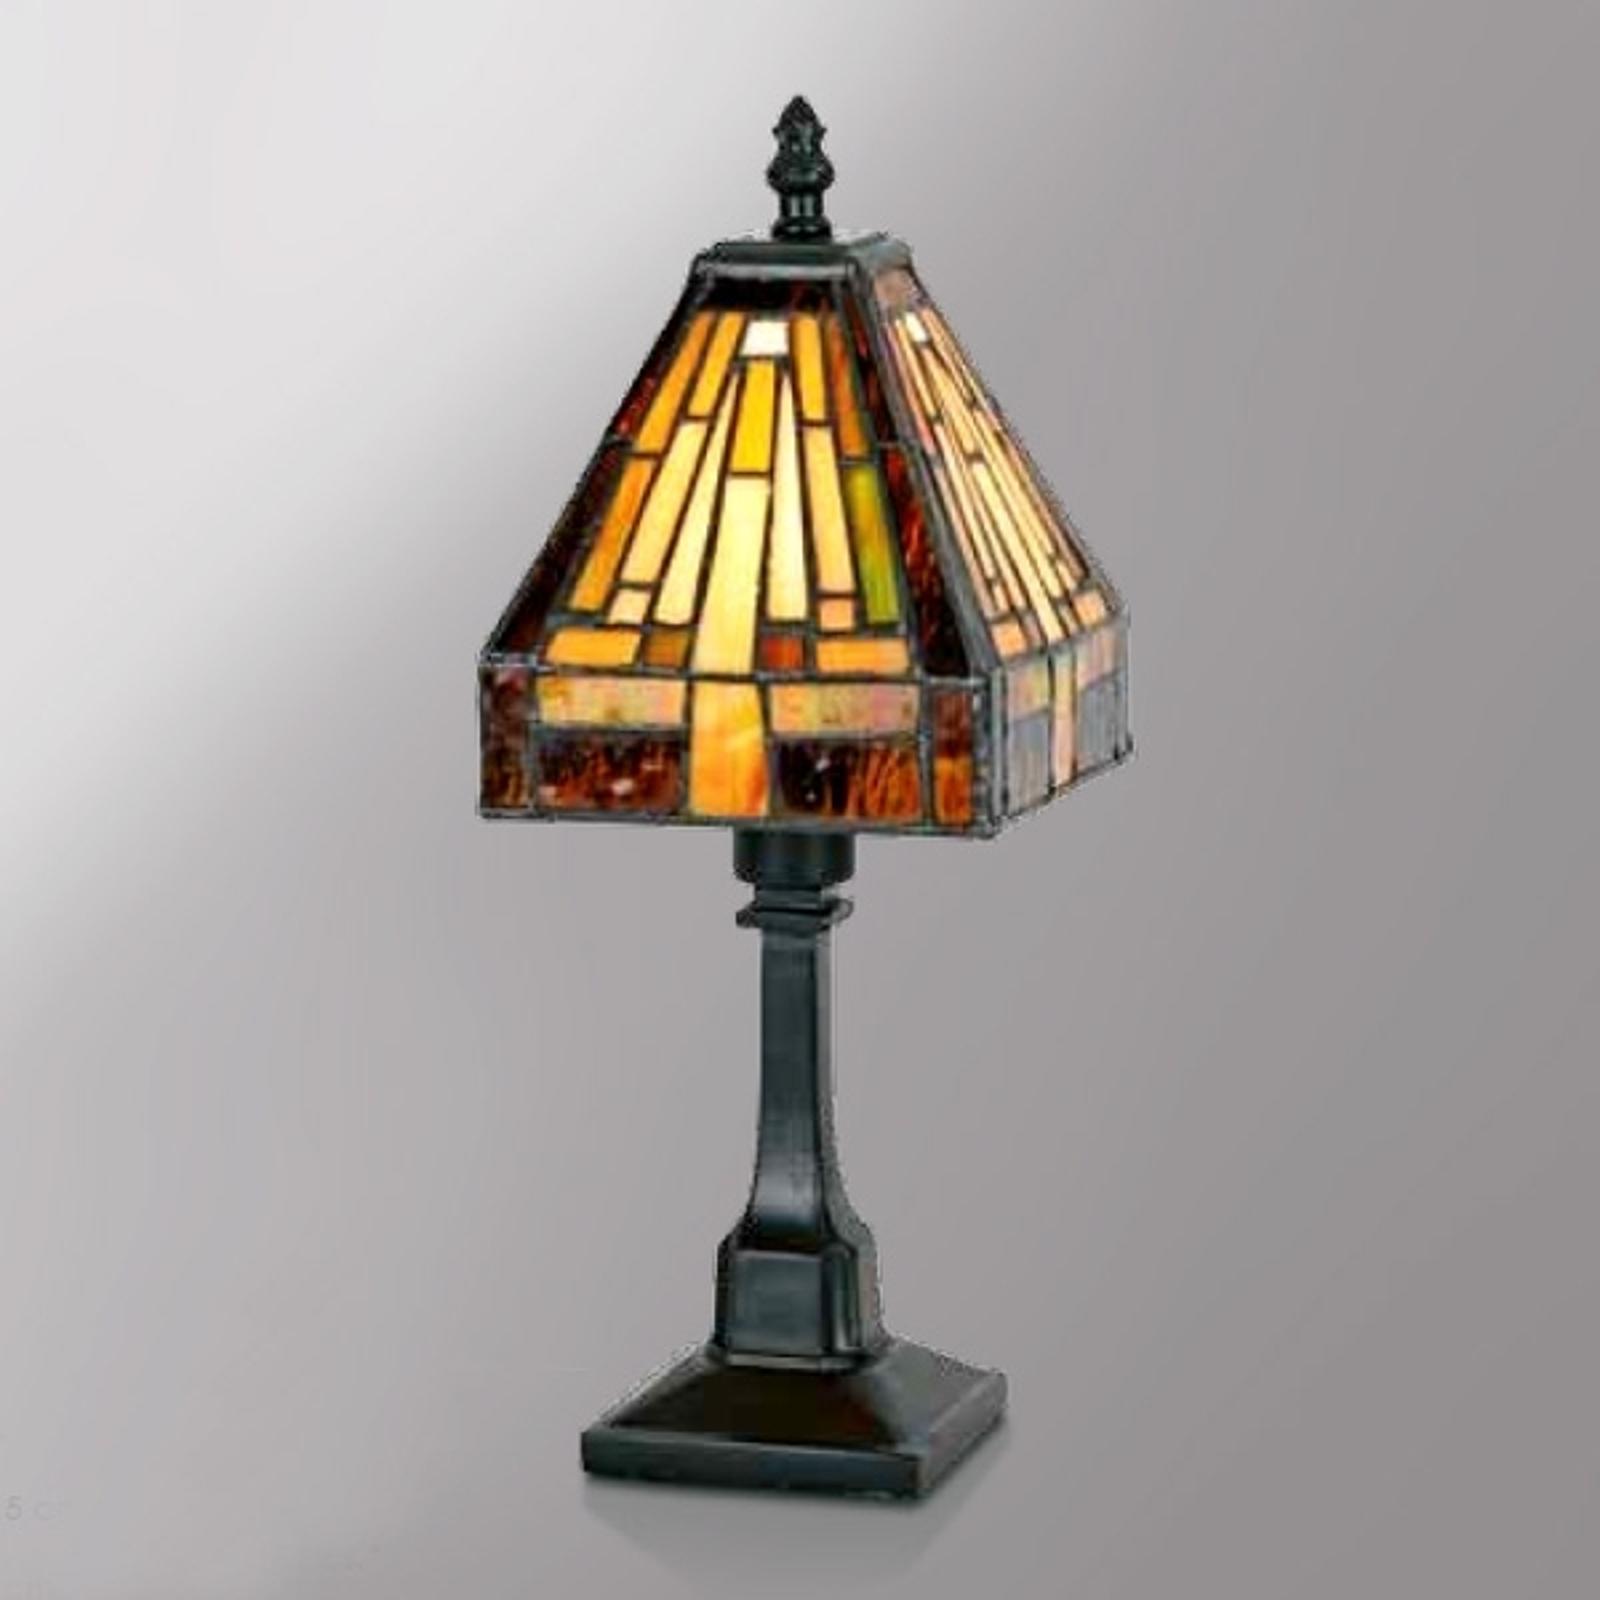 Lampada da tavolo Bea poliedrica in stile Tiffany